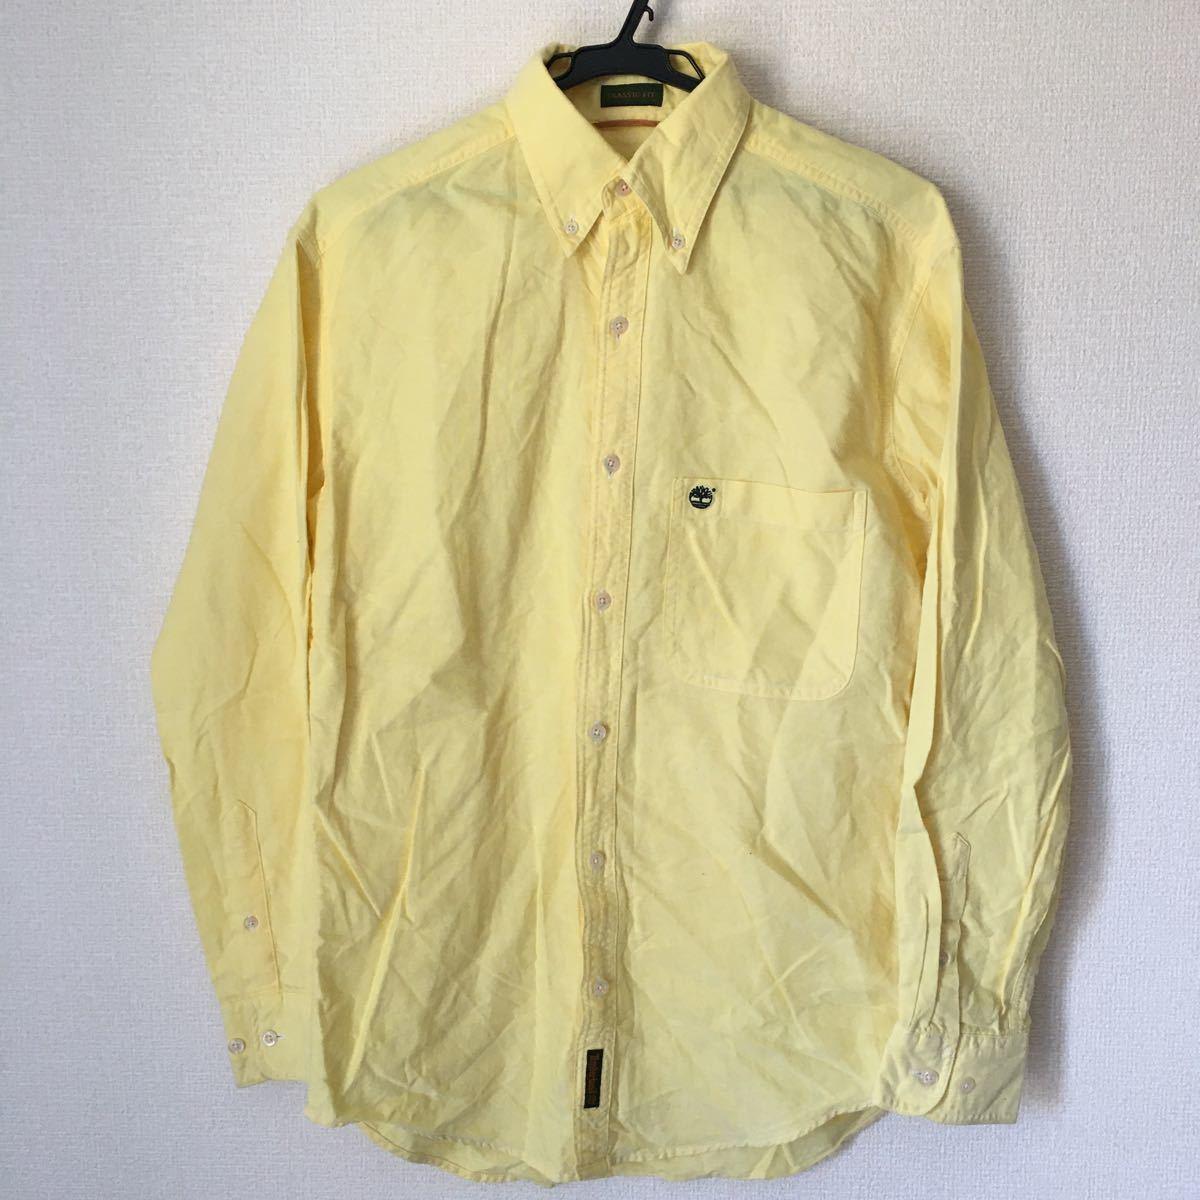 長袖シャツ ボタンダウンシャツ TIMBERLAND 黄色